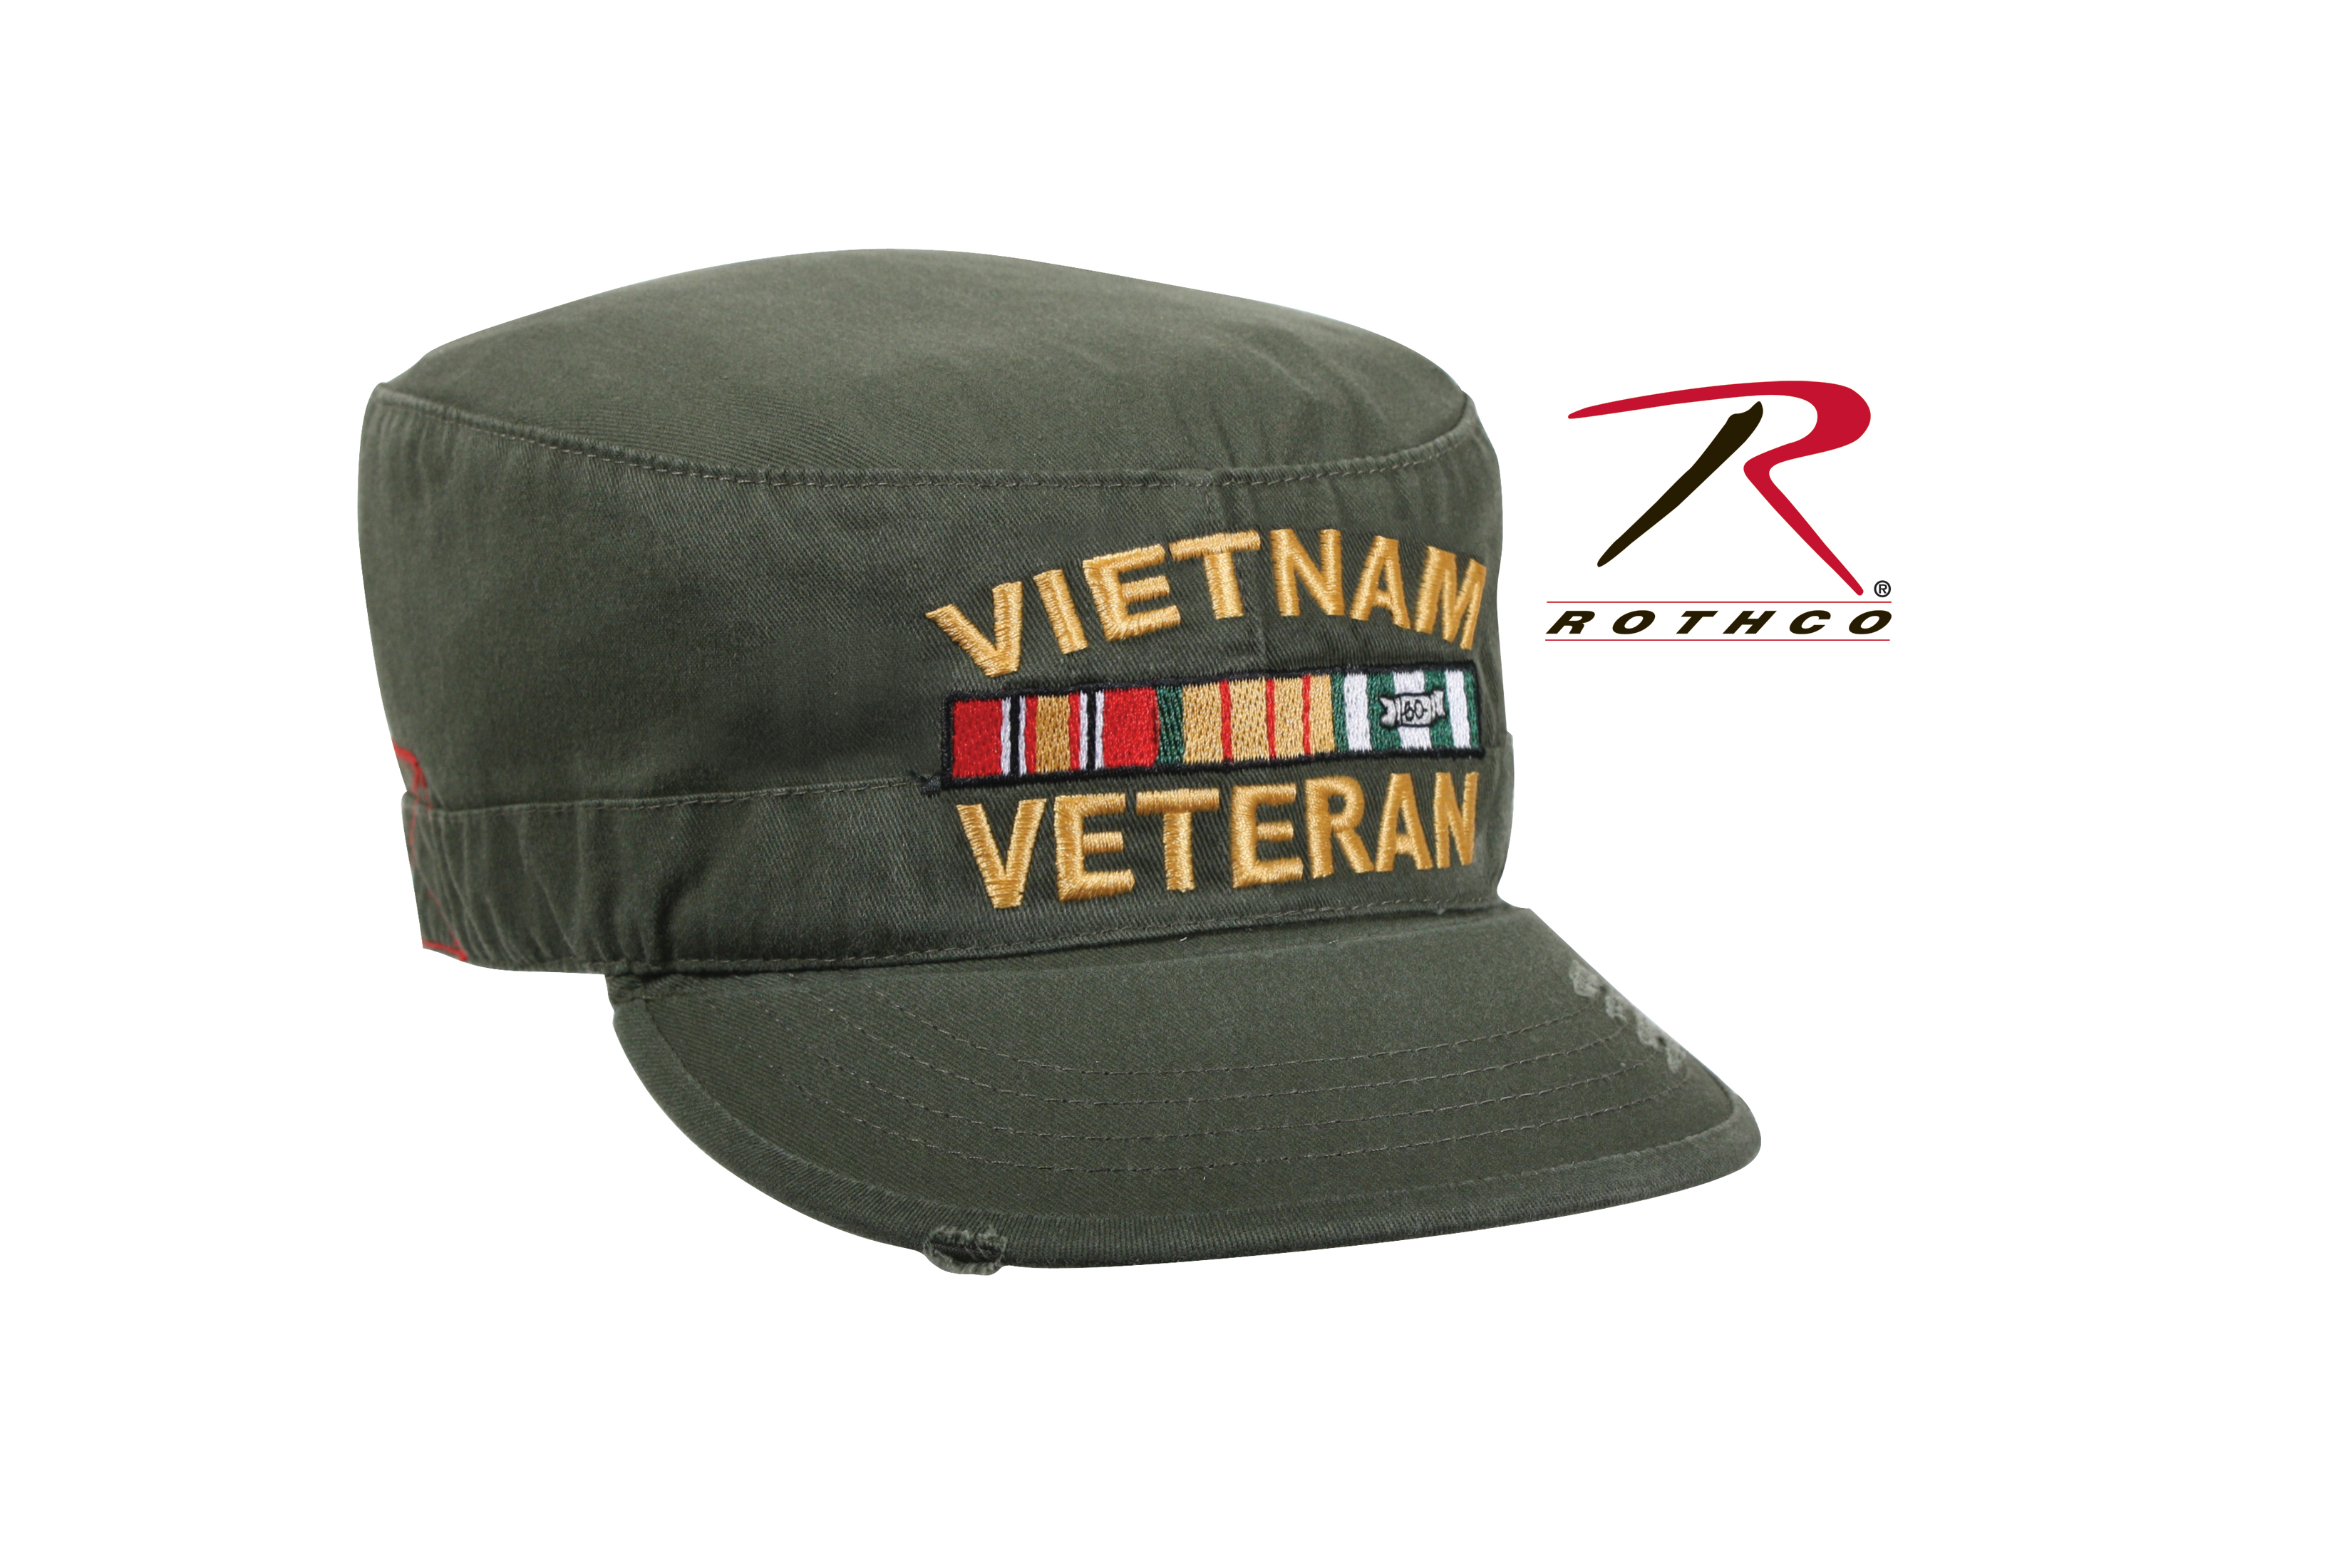 Rothco Vintage Vietnam Veteran Fatigue Cap